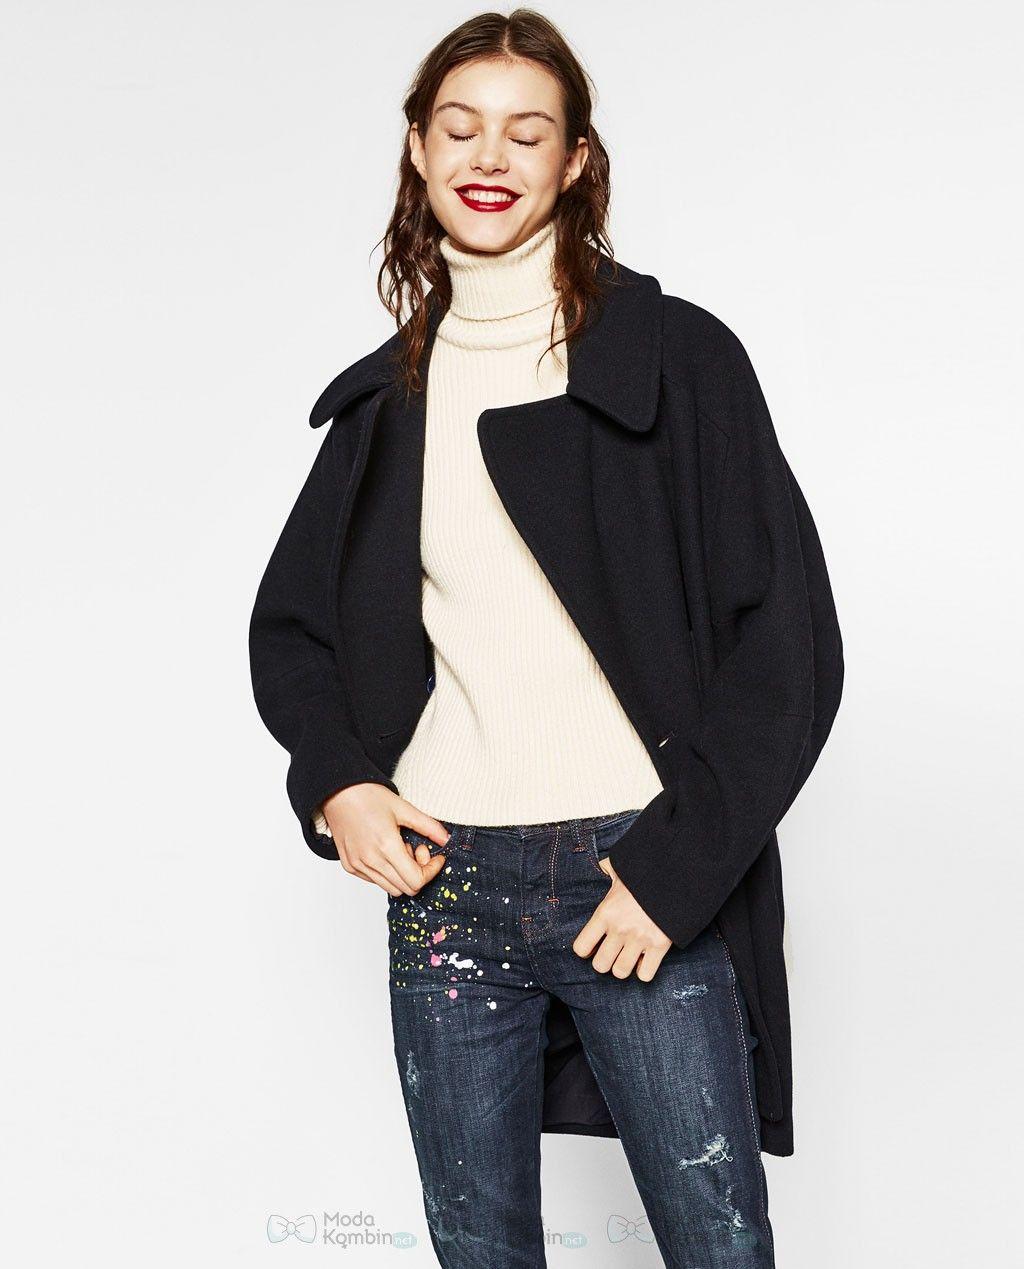 2017 Zara Bayan Jean Pantolon Modelleri Ve Fiyatlari 2017zarabayanjeanpantolonmodelleri 2017zarajeanpantolonmodasi Zara Moda Pantolon